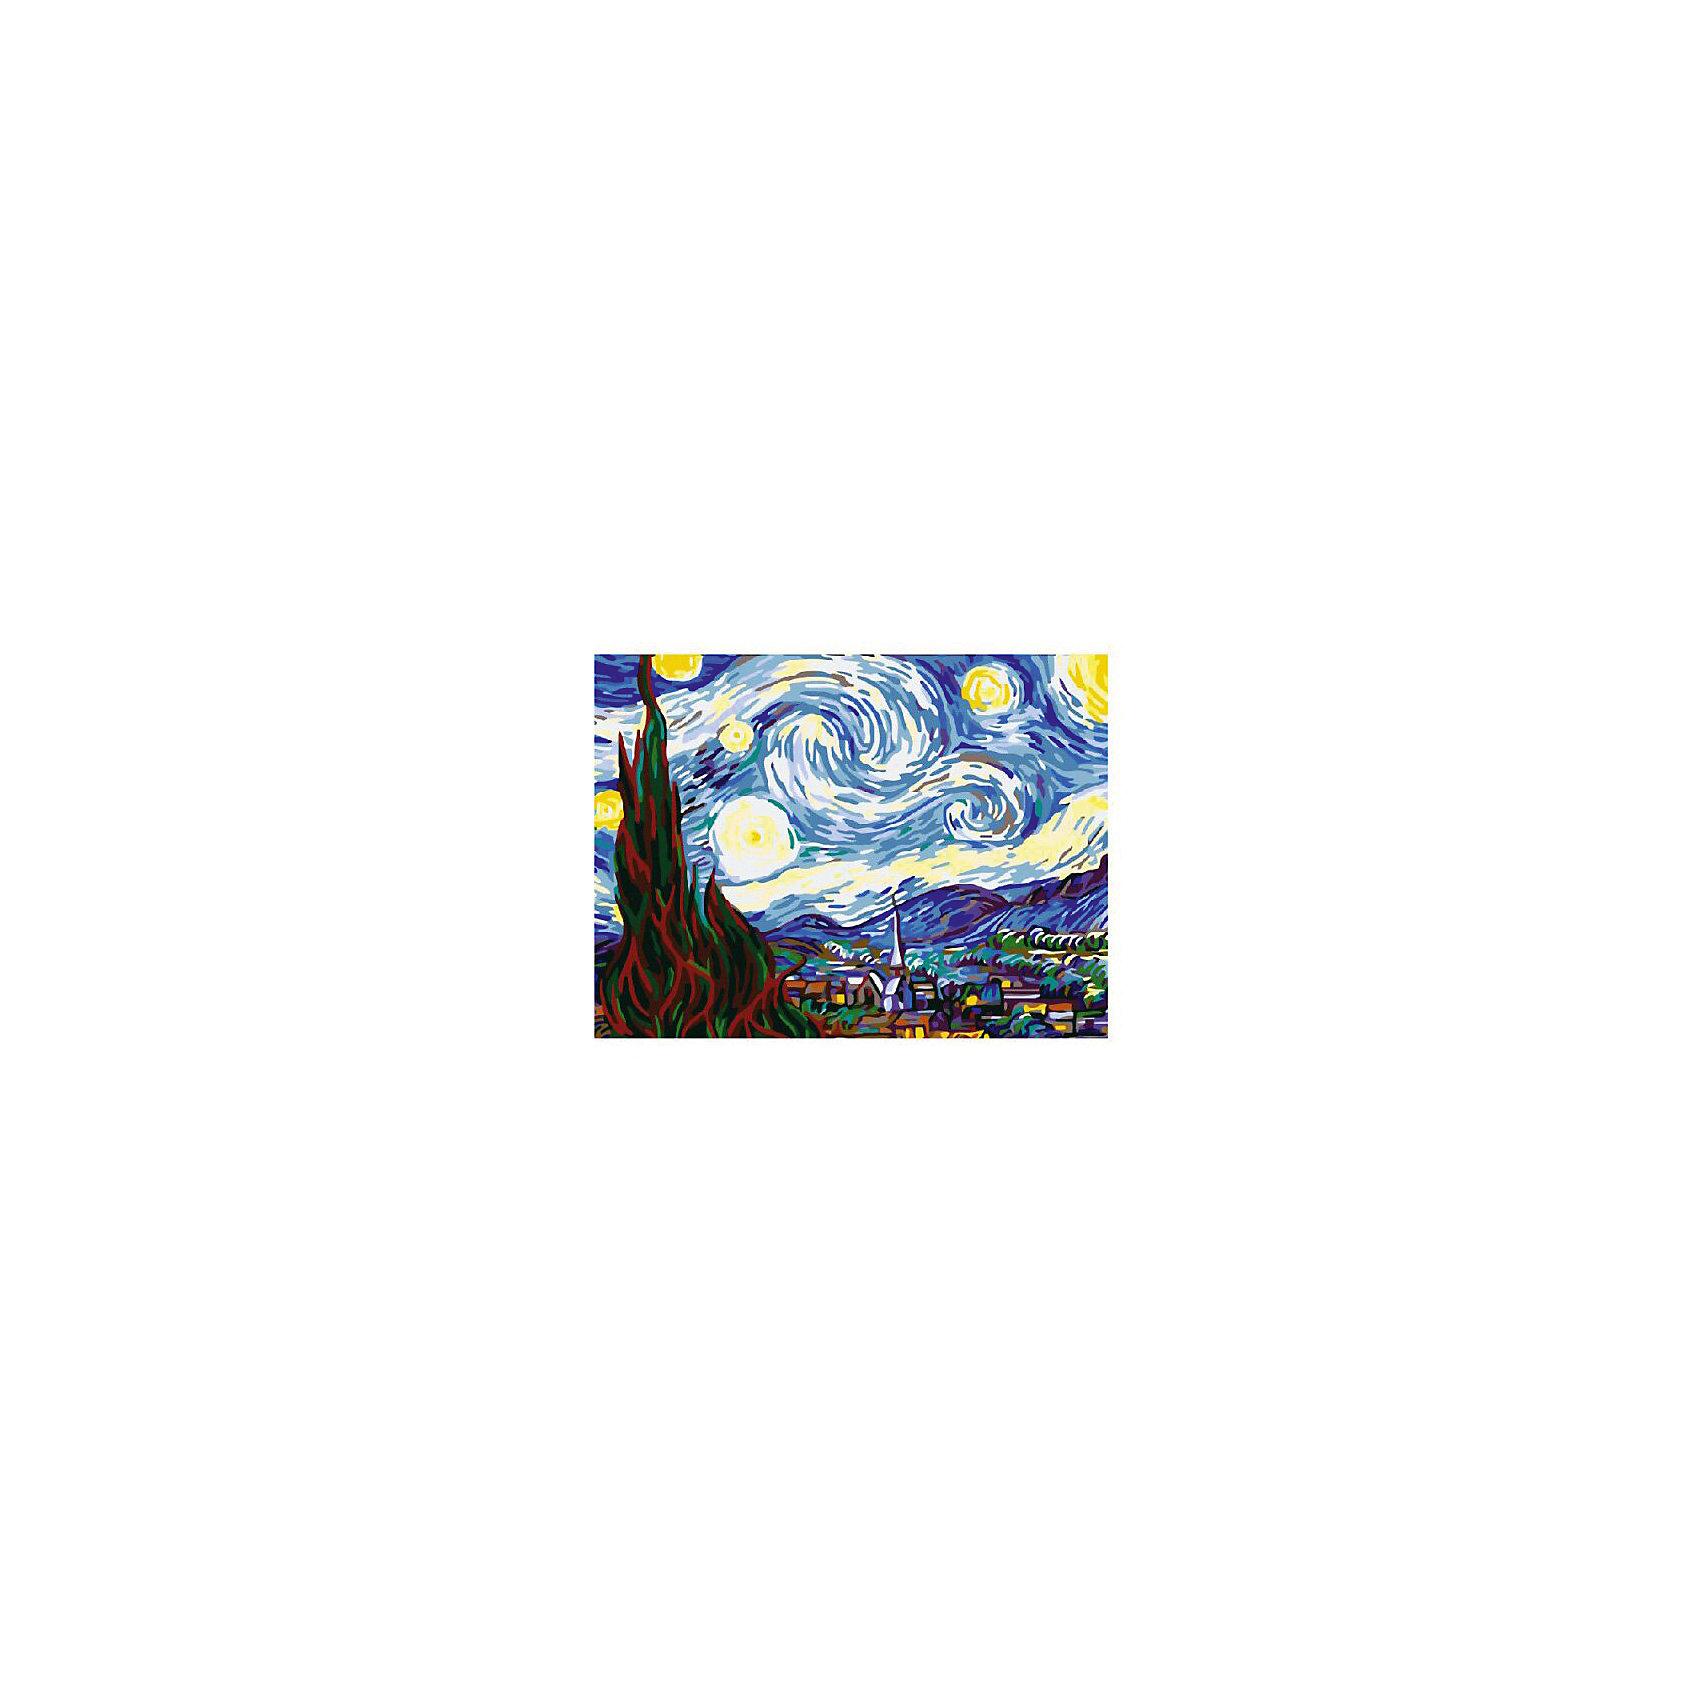 Картина по номерам Ван Гог: Звездная ночь, 40*50 смРисование<br>Картины с раскраской по номерам размером 40*50. На деревянном подрамнике, с прогрунтованным холстом и  нанесенными контурами картины, с указанием цвета закраски, акриловыми красками, 3 кисточками и креплением на стену. Уровень сложности, количество красок указаны на коробке.<br><br>Ширина мм: 500<br>Глубина мм: 400<br>Высота мм: 40<br>Вес г: 730<br>Возраст от месяцев: 108<br>Возраст до месяцев: 2147483647<br>Пол: Унисекс<br>Возраст: Детский<br>SKU: 5417698